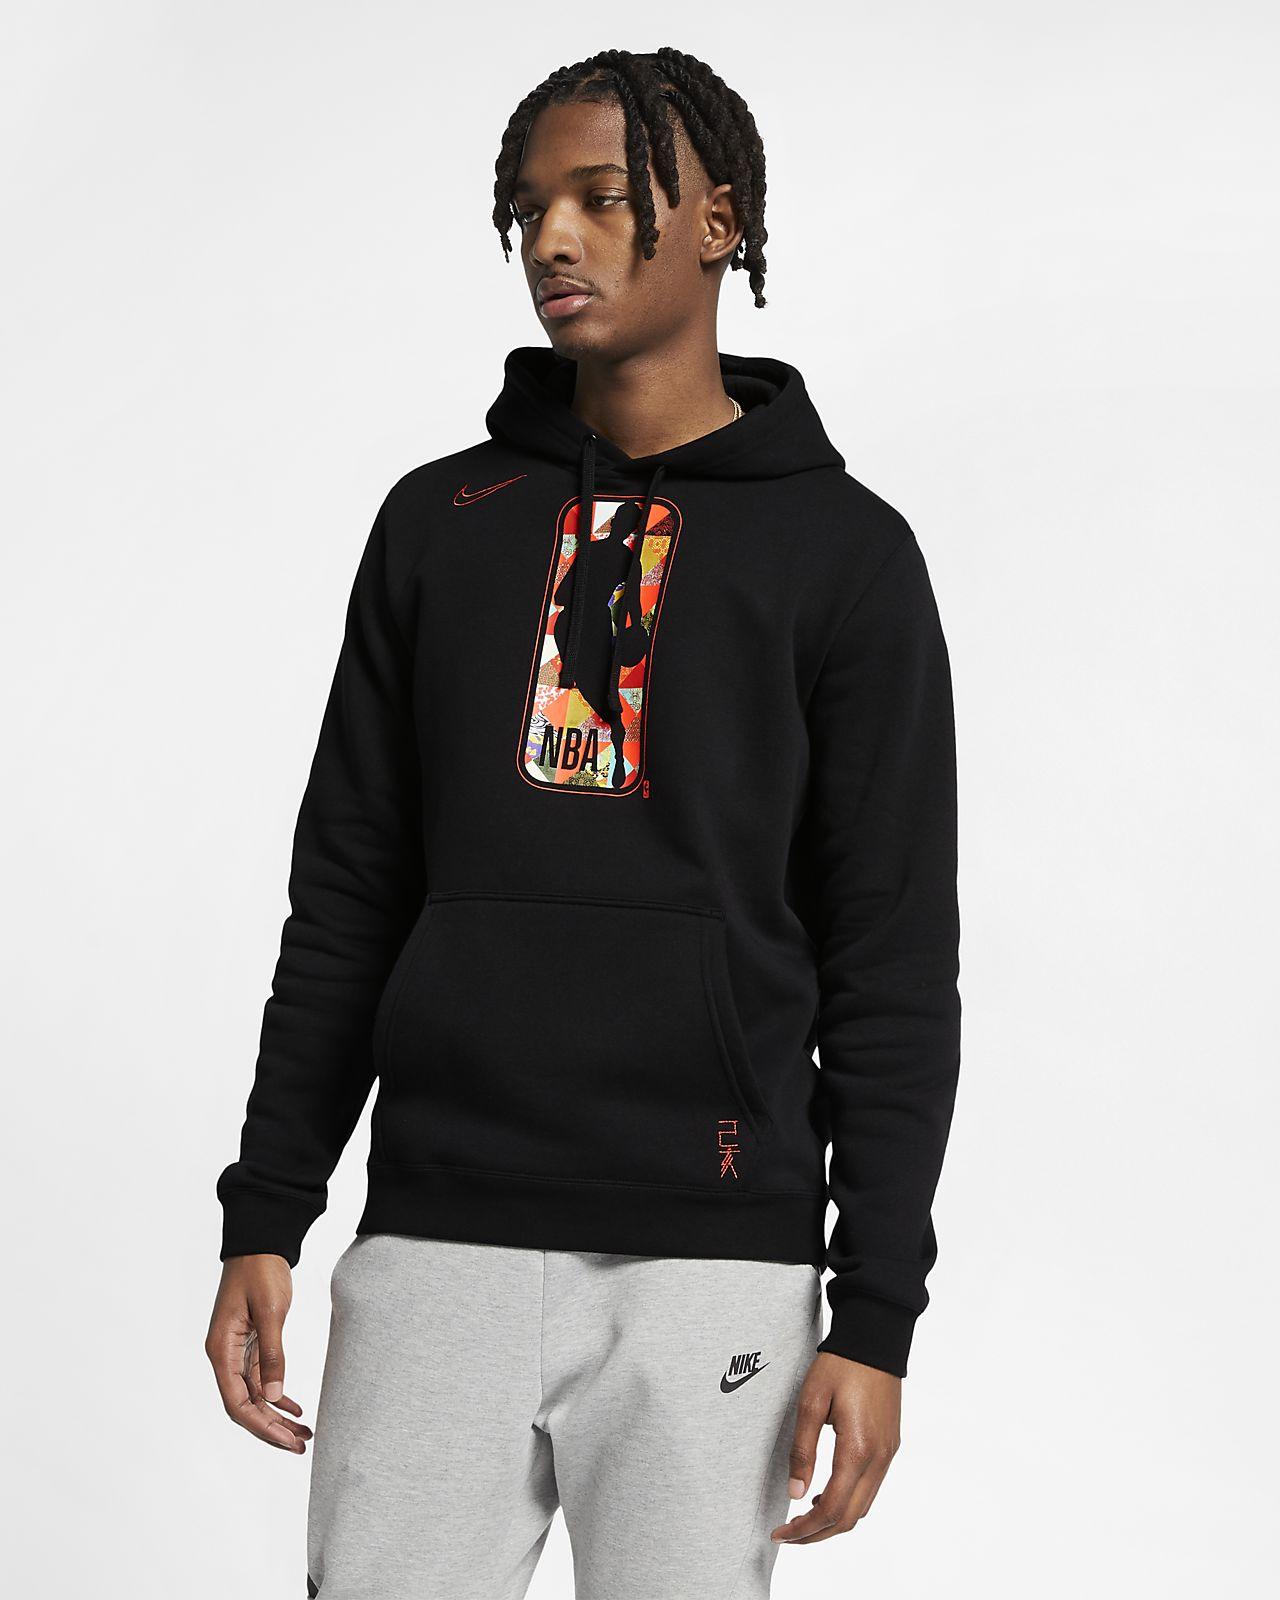 Nike CNY NBA Erkek Kapüşonlu Üst